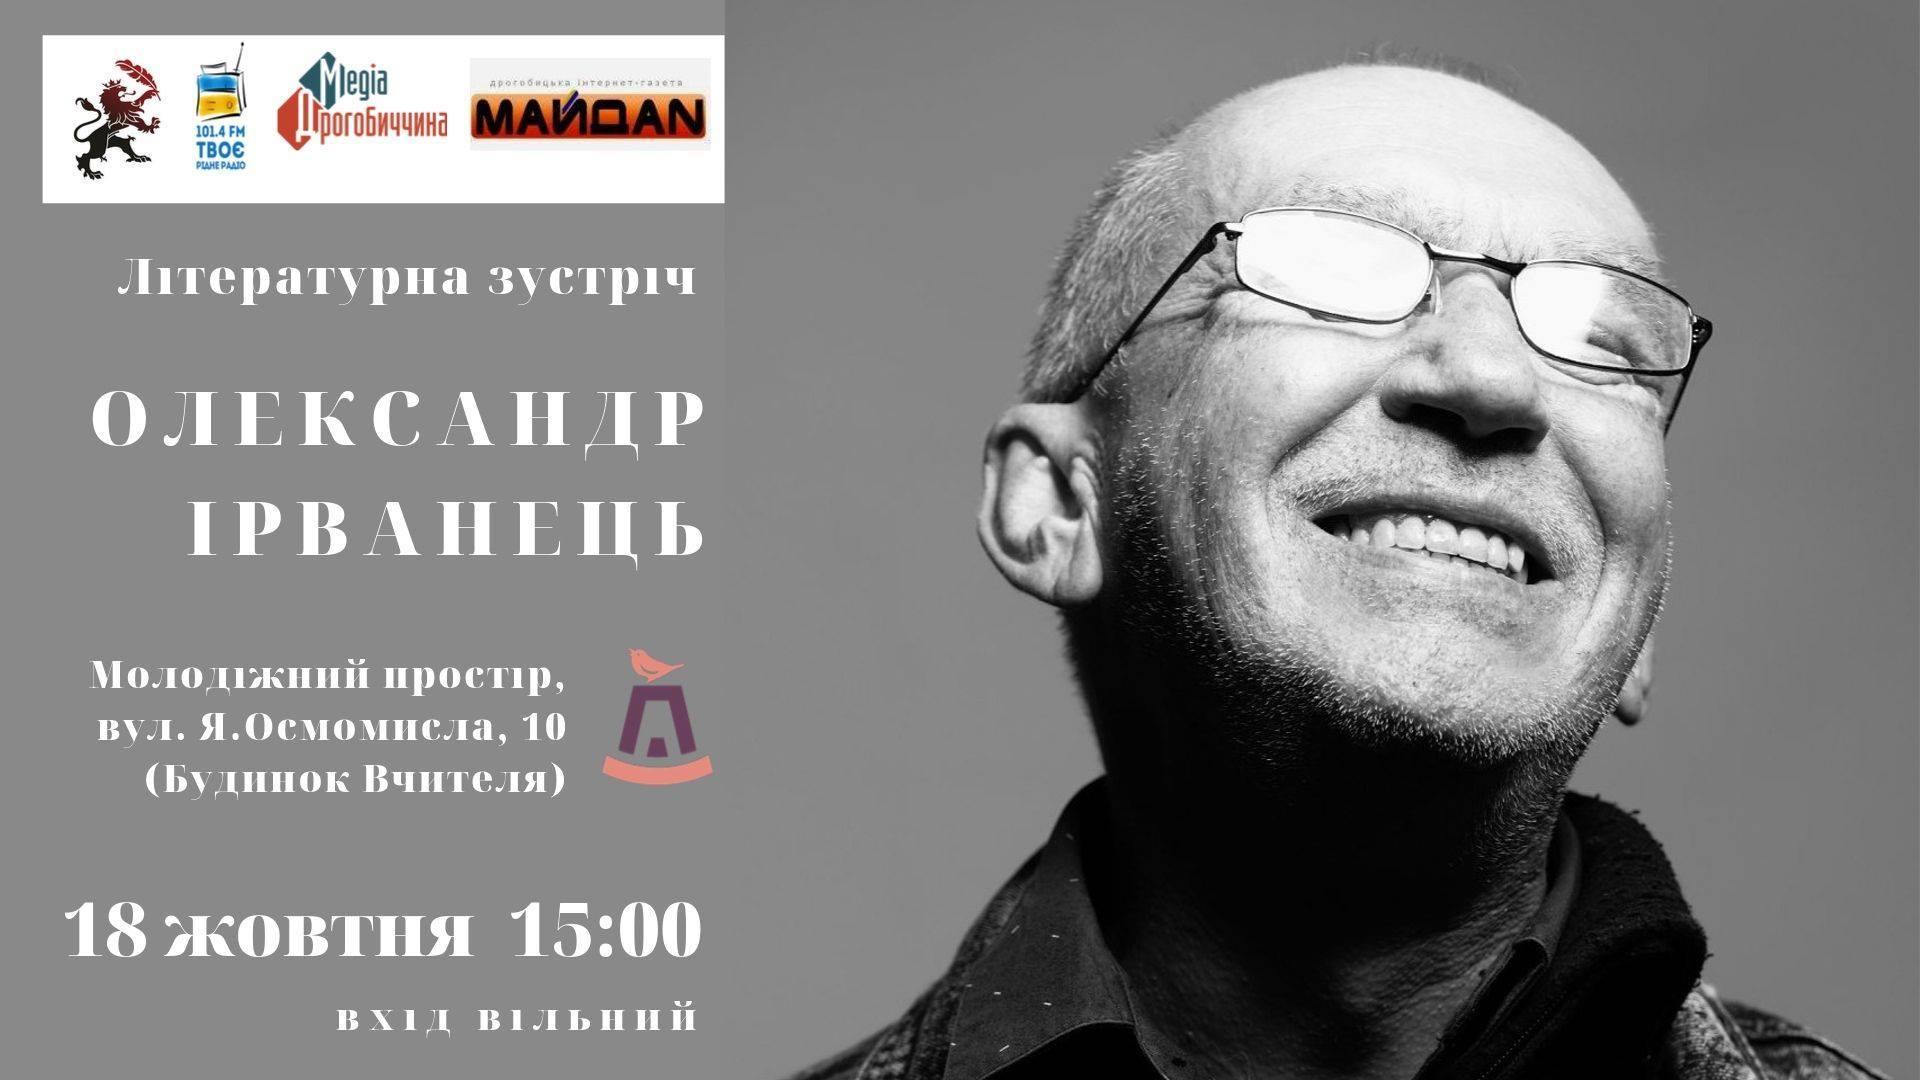 Олександр Ірванець у Дрогобичі